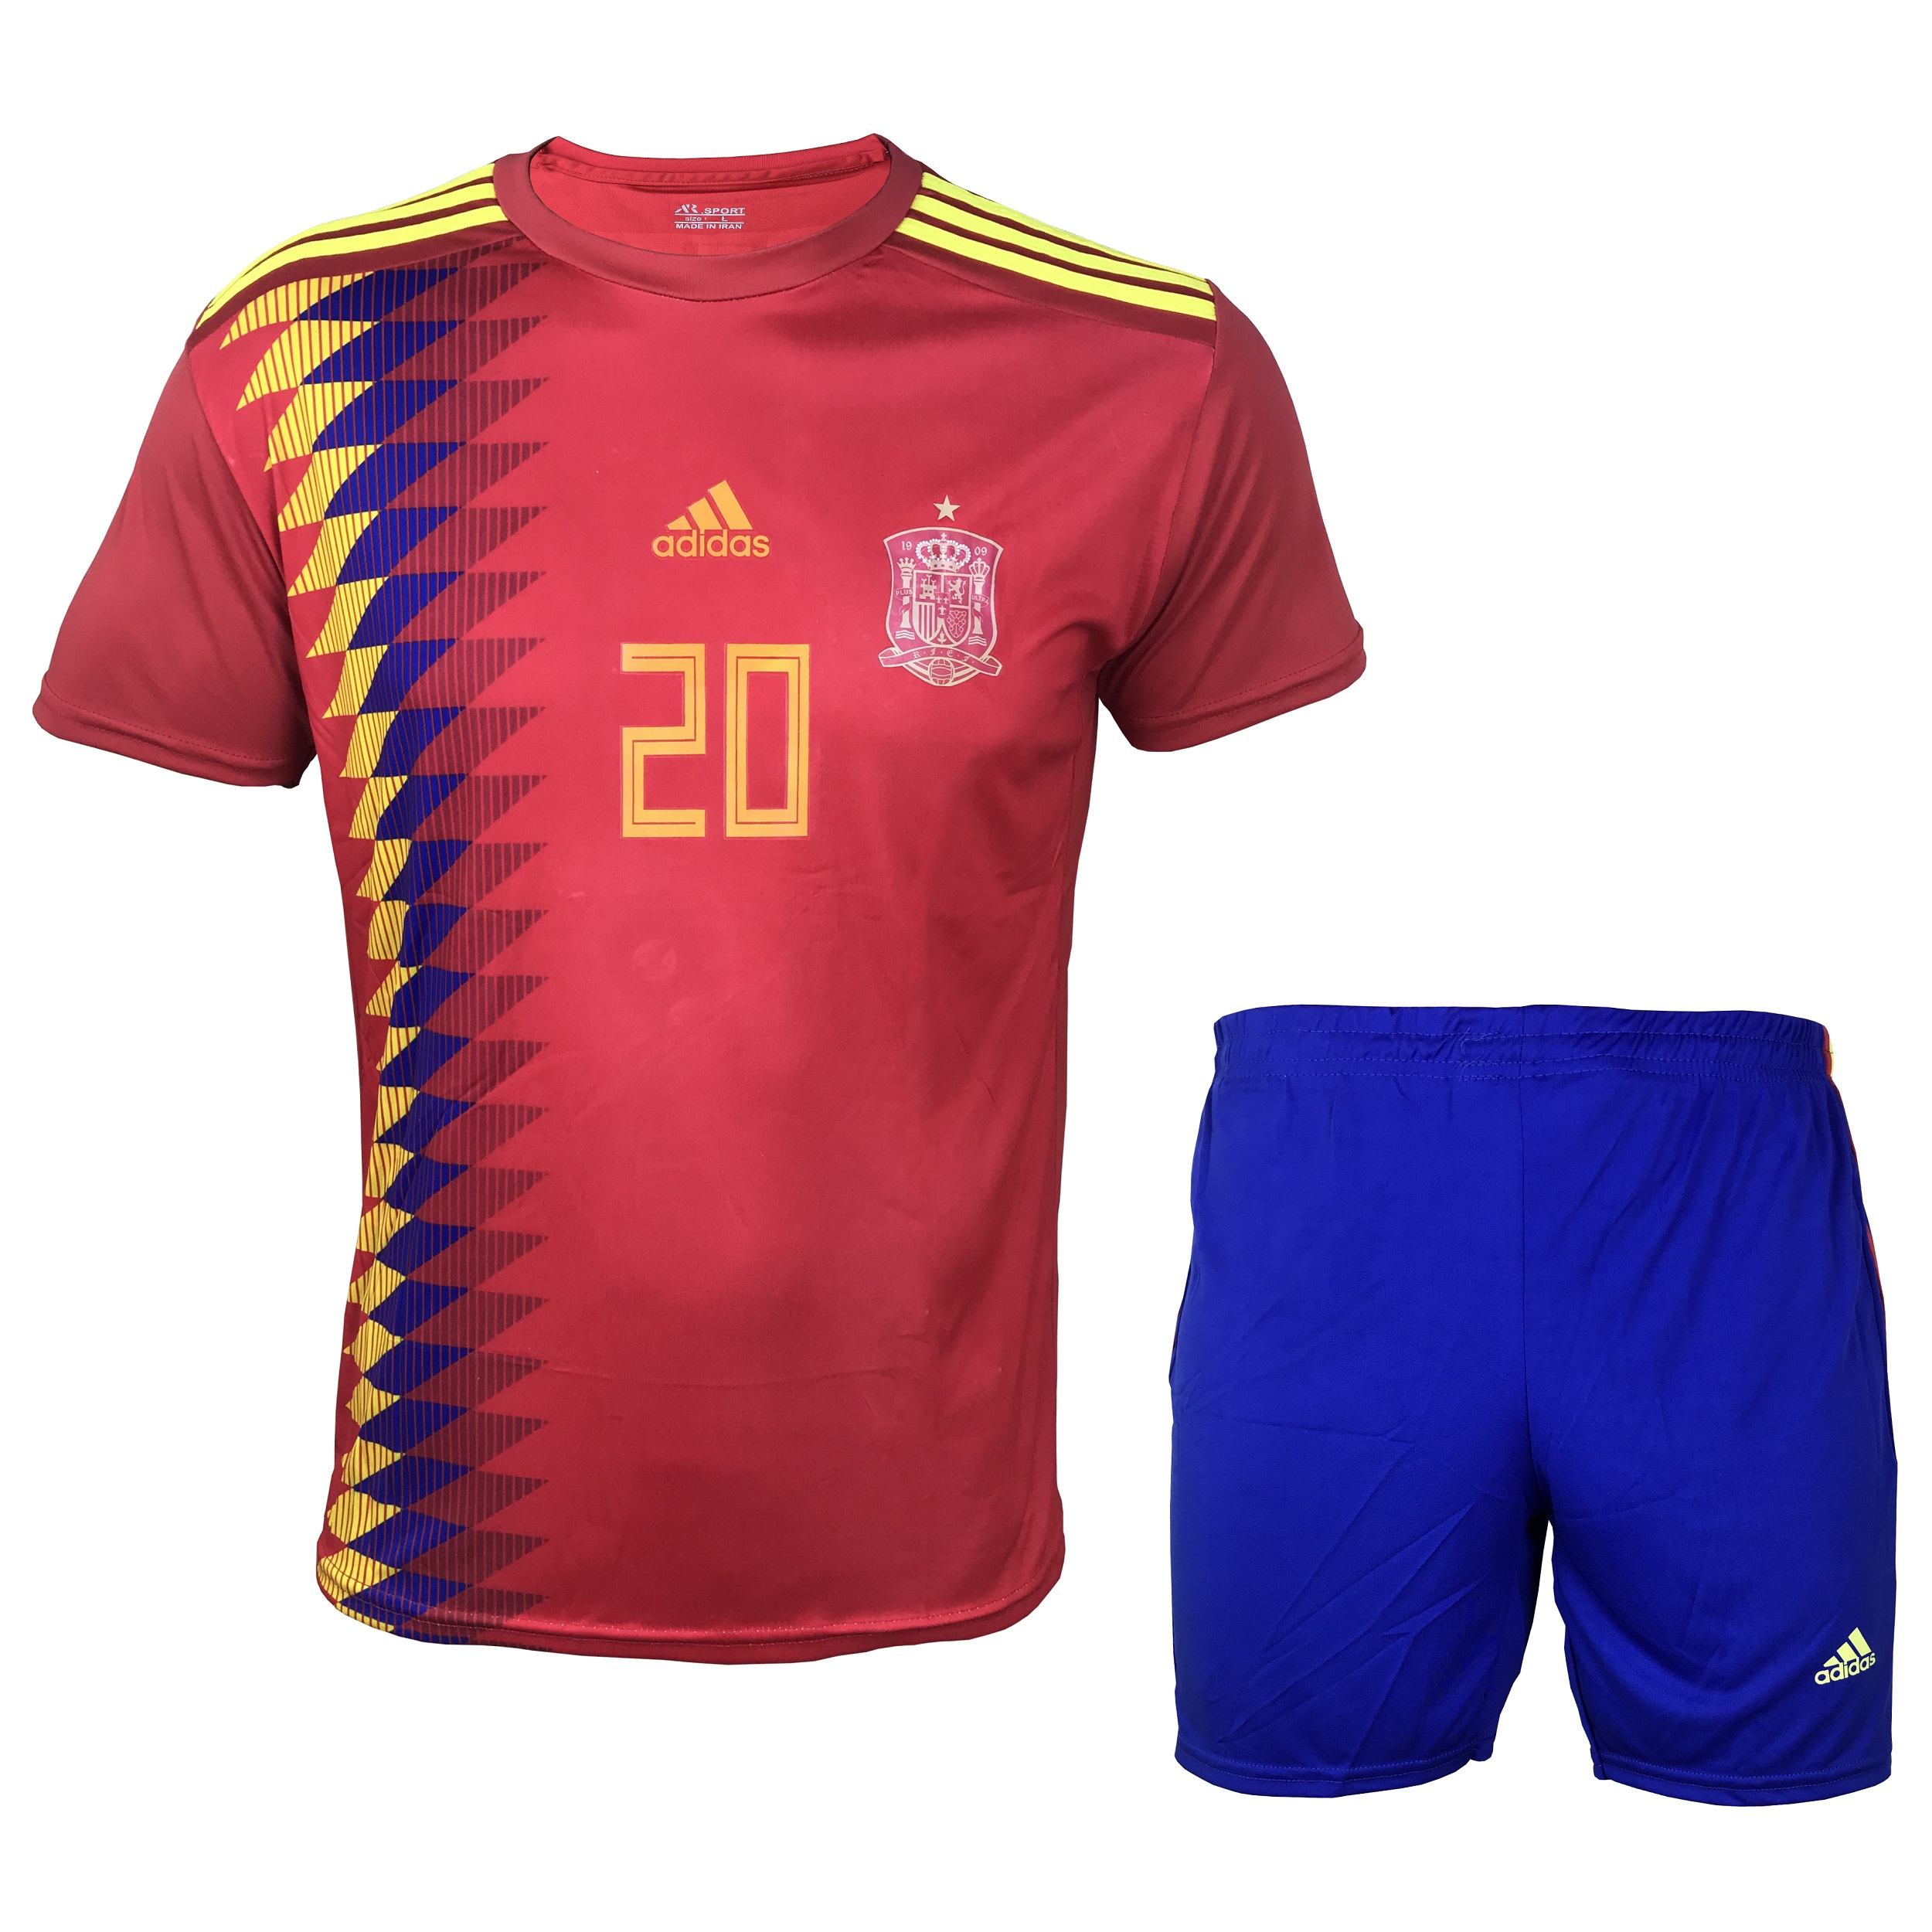 ست پیراهن و شورت ورزشی مردانه ای آر اسپورت طرح تیم ملی اسپانیا مدل آسنسیو کد 01